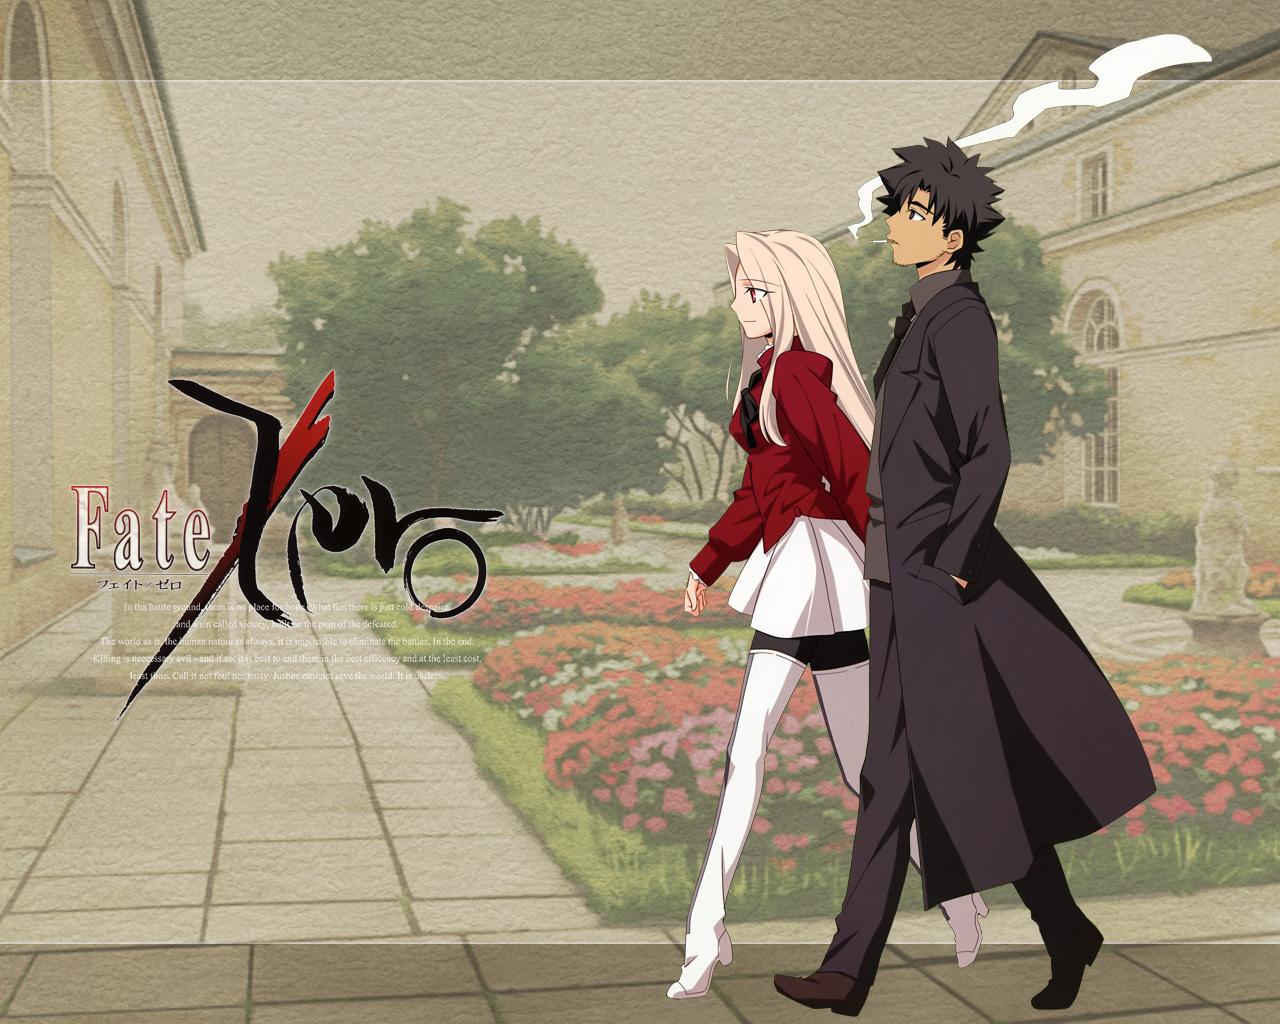 emiya_kiritsugu fate_(series) fate/stay_night fate/zero irisviel_von_einzbern